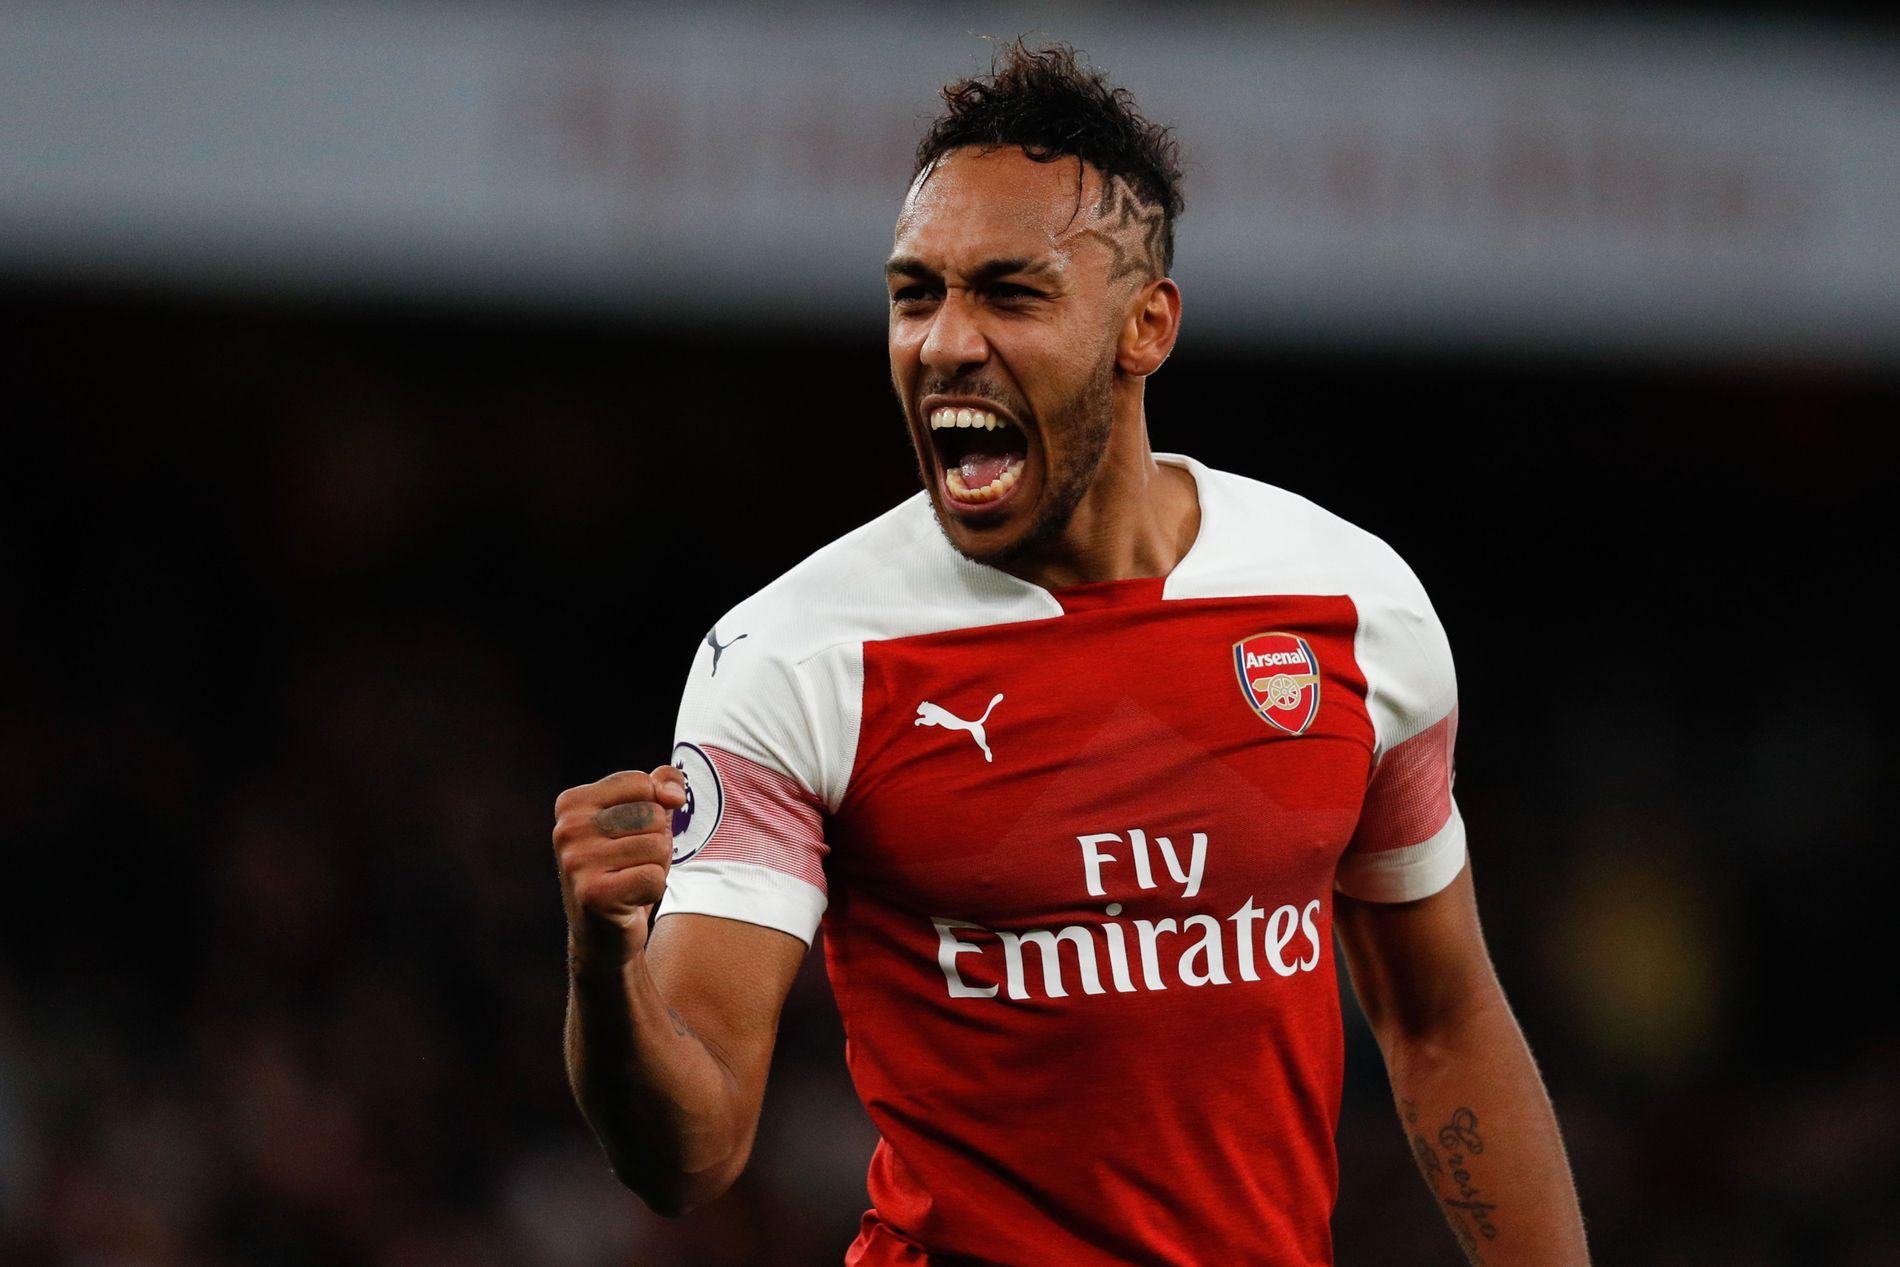 TOPPSCORER: Pierre-Emerick Aubameyang jubler etter en av to scoringer mot Tottenham. Han er toppscorer i Premier League med ti mål, to mer enn Sergio Agüero, Harry Kane og Raheem Sterling.